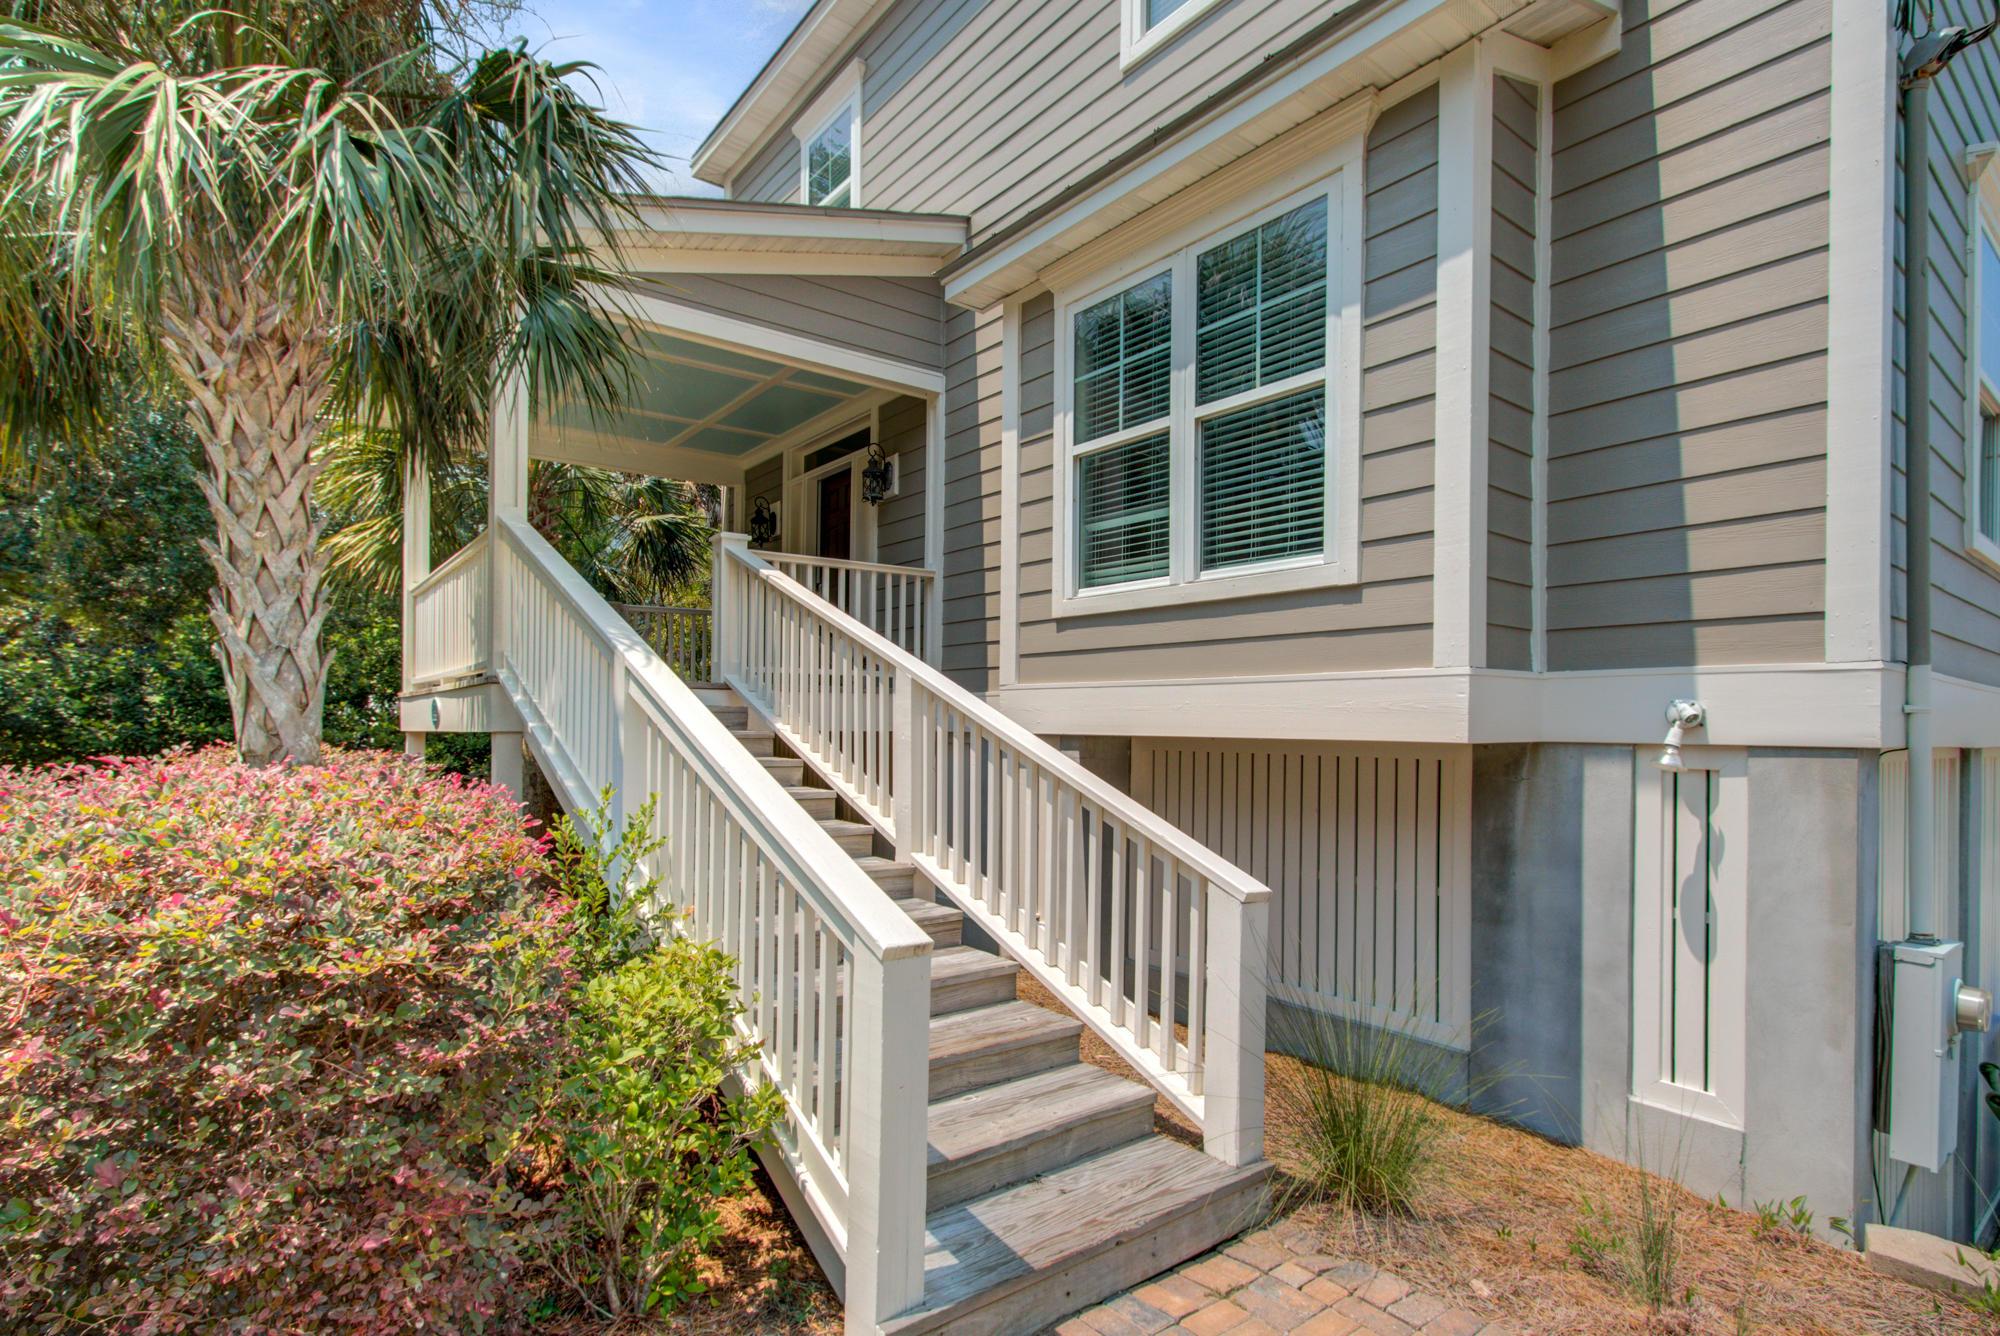 Folly Beach Homes For Sale - 616 Erie, Folly Beach, SC - 17